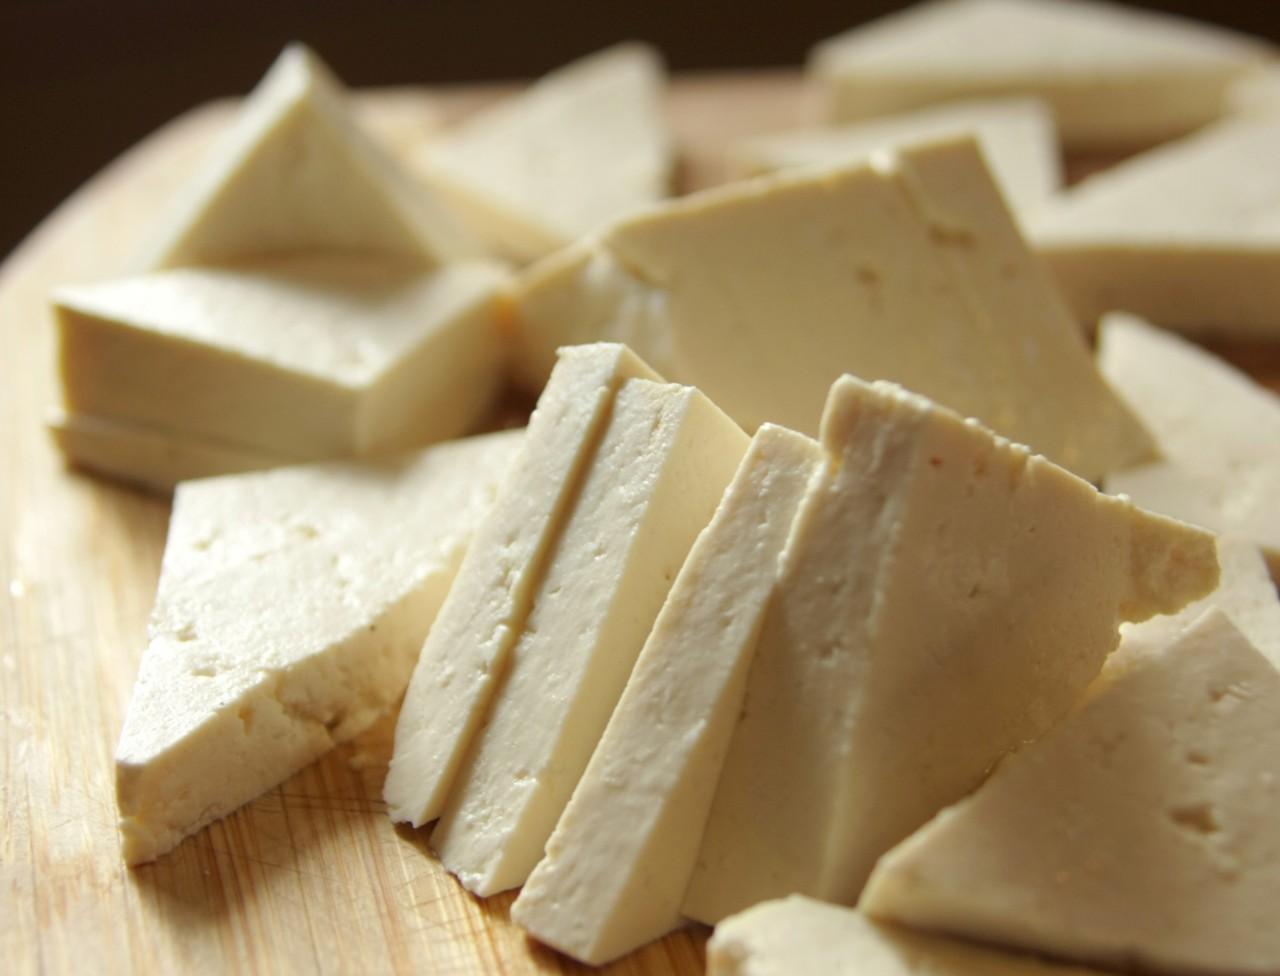 Вместо мяса: 10 белковых продуктов для вегетарианцев